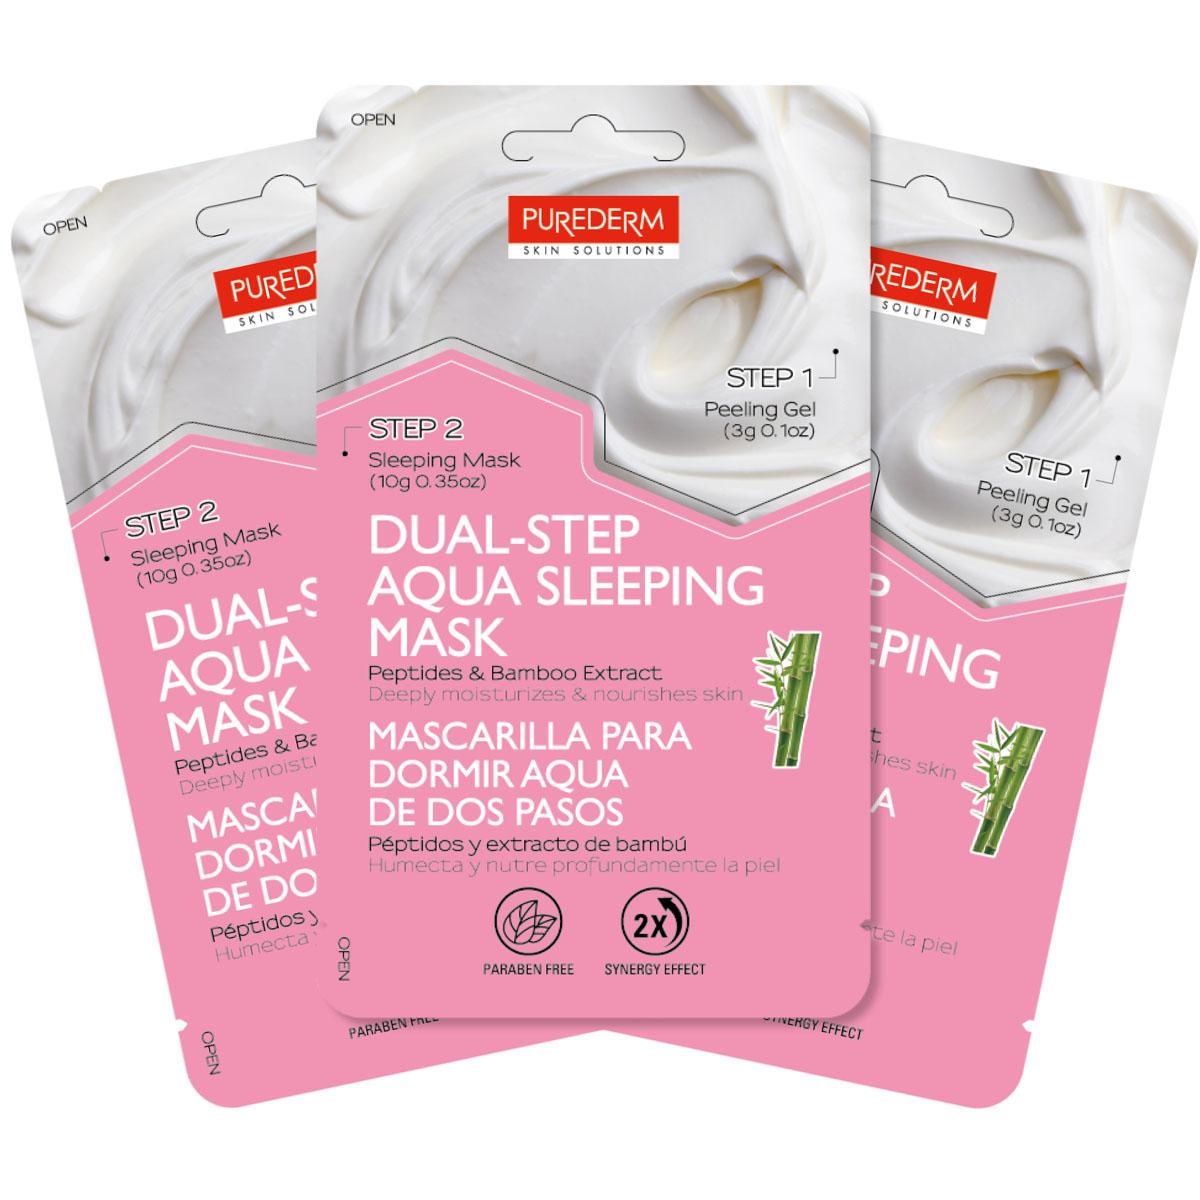 Purederm Набор Двойной уход: Отшелушивающий гель, 3 г + Аква-маска ночная с пептидами и экстрактом бамбука, 10 г3N182532Сочетает в себе преимущества глубокого очищения и увлажнения для достижения максимального результата.Отшелушивающий гель (Шаг 1): содержит экстракты апельсина, лимона и яблока, отлично очищает поры, нежно отшелушивает и разглаживает поверхность кожи, что повышает эффективность аква- маски (Шаг 2)Аква-маска ночная с пептидами и экстрактом бамбука (Шаг 2): несмываемая ночная маска, содержит пептиды и экстракт бамбука, интенсивно восстанавливает кожу от сухости, глубоко питает и увлажняет кожу во время сна. К утру кожа становится более упругой, увлажненной и сияющей. Не содержит парабенов, минеральных масел, талька и SLS.